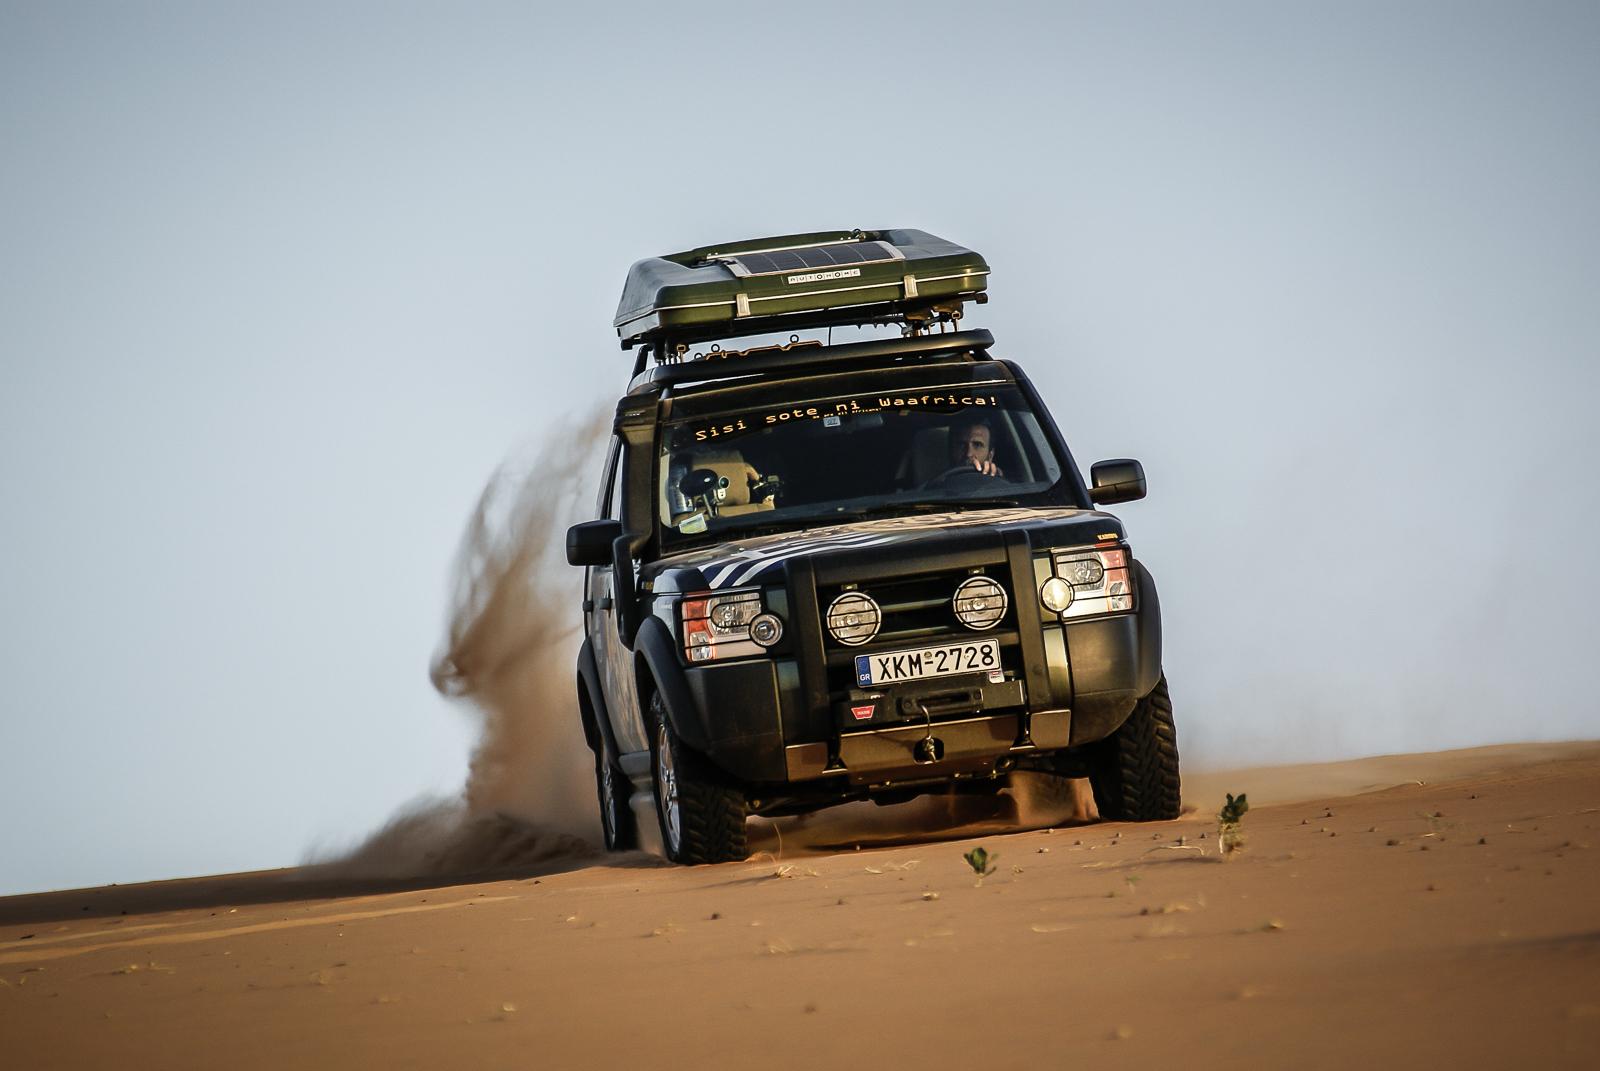 Hard driving on the dunes around Chinguetti, Mauritania